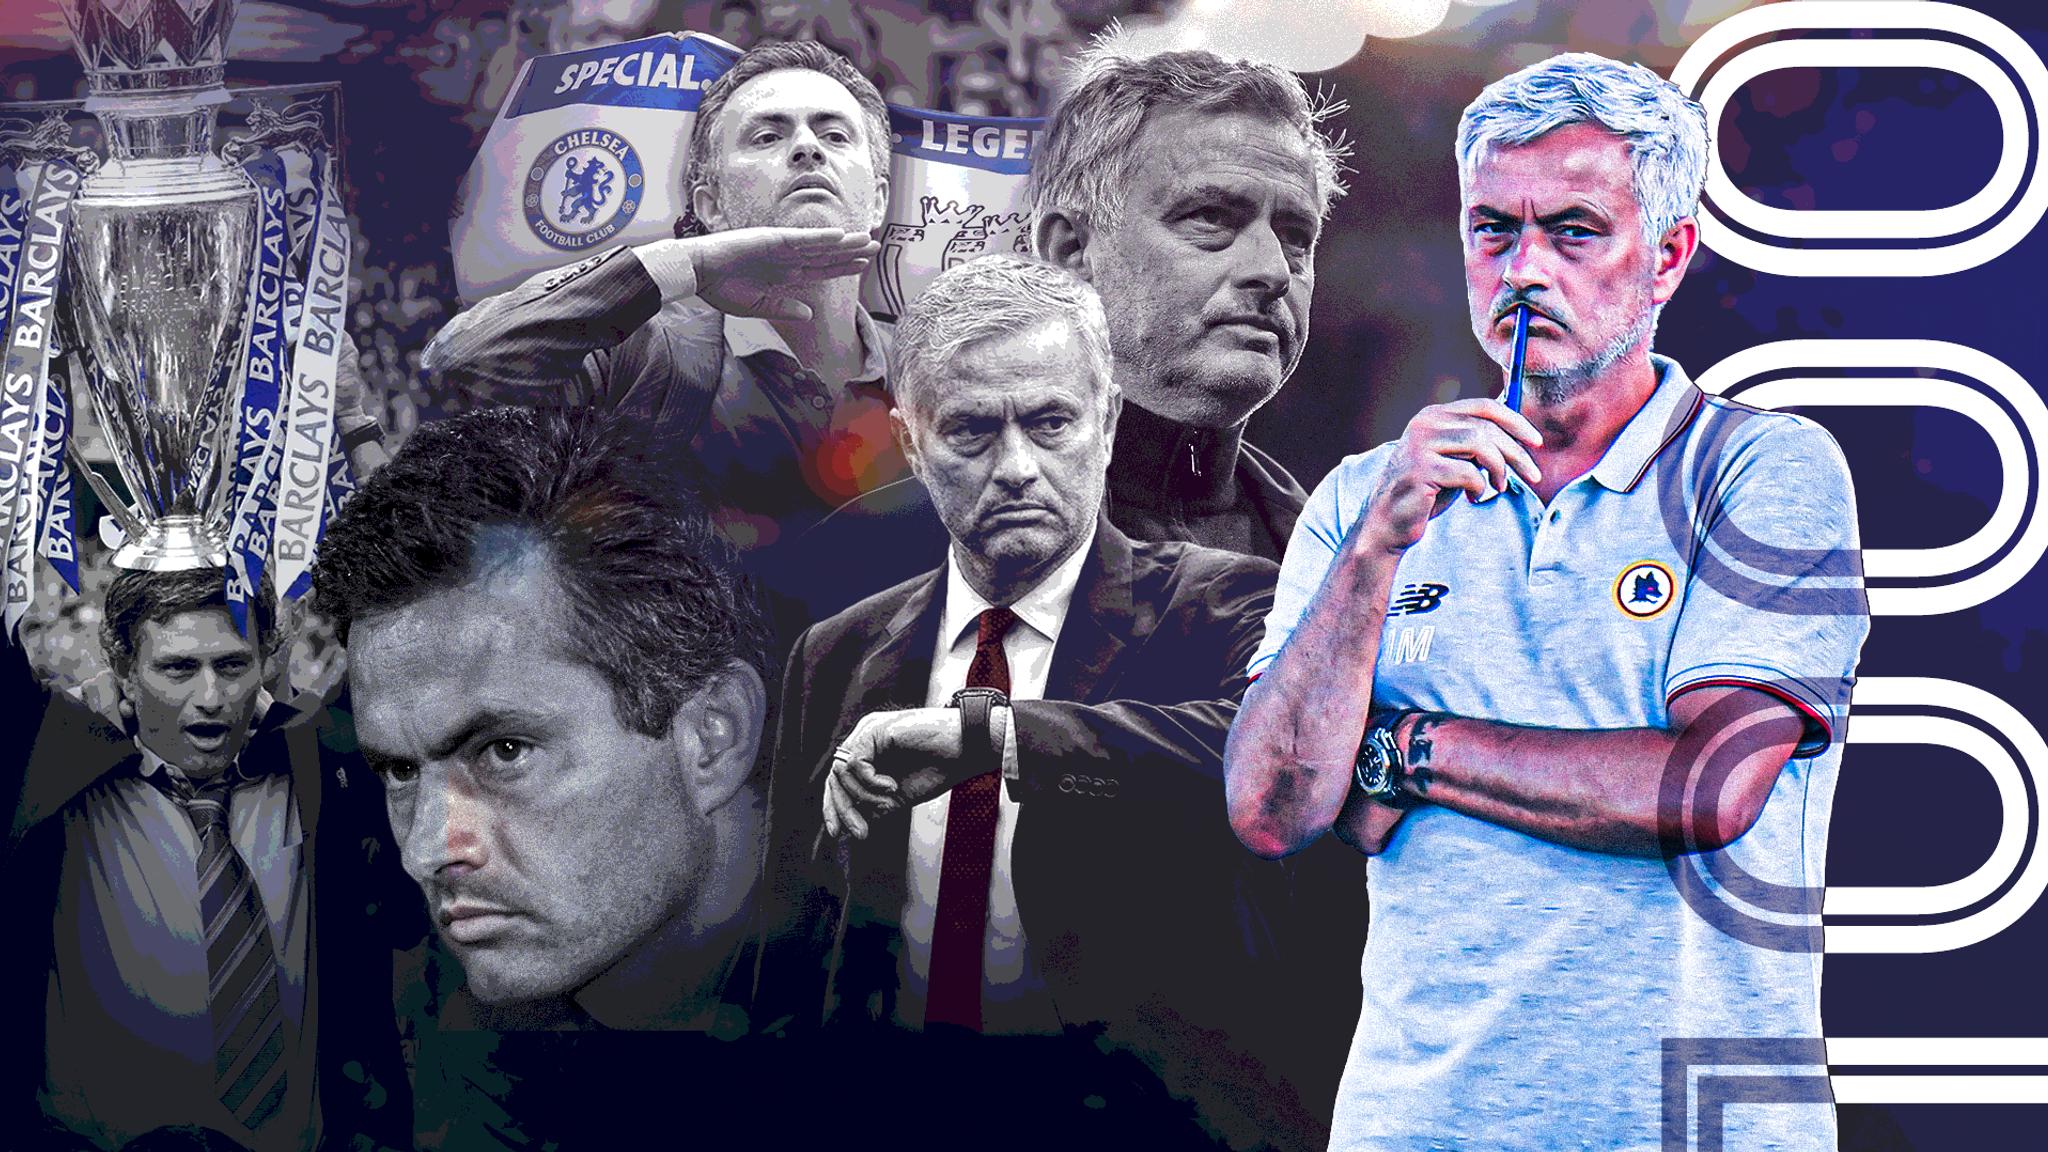 Mourinho sẽ cán mốc 1000 trận cầm quân khi cùng Roma tiếp Sassuolo lúc 1h45 thứ Hai 13/9. Ảnh: Sky Sports